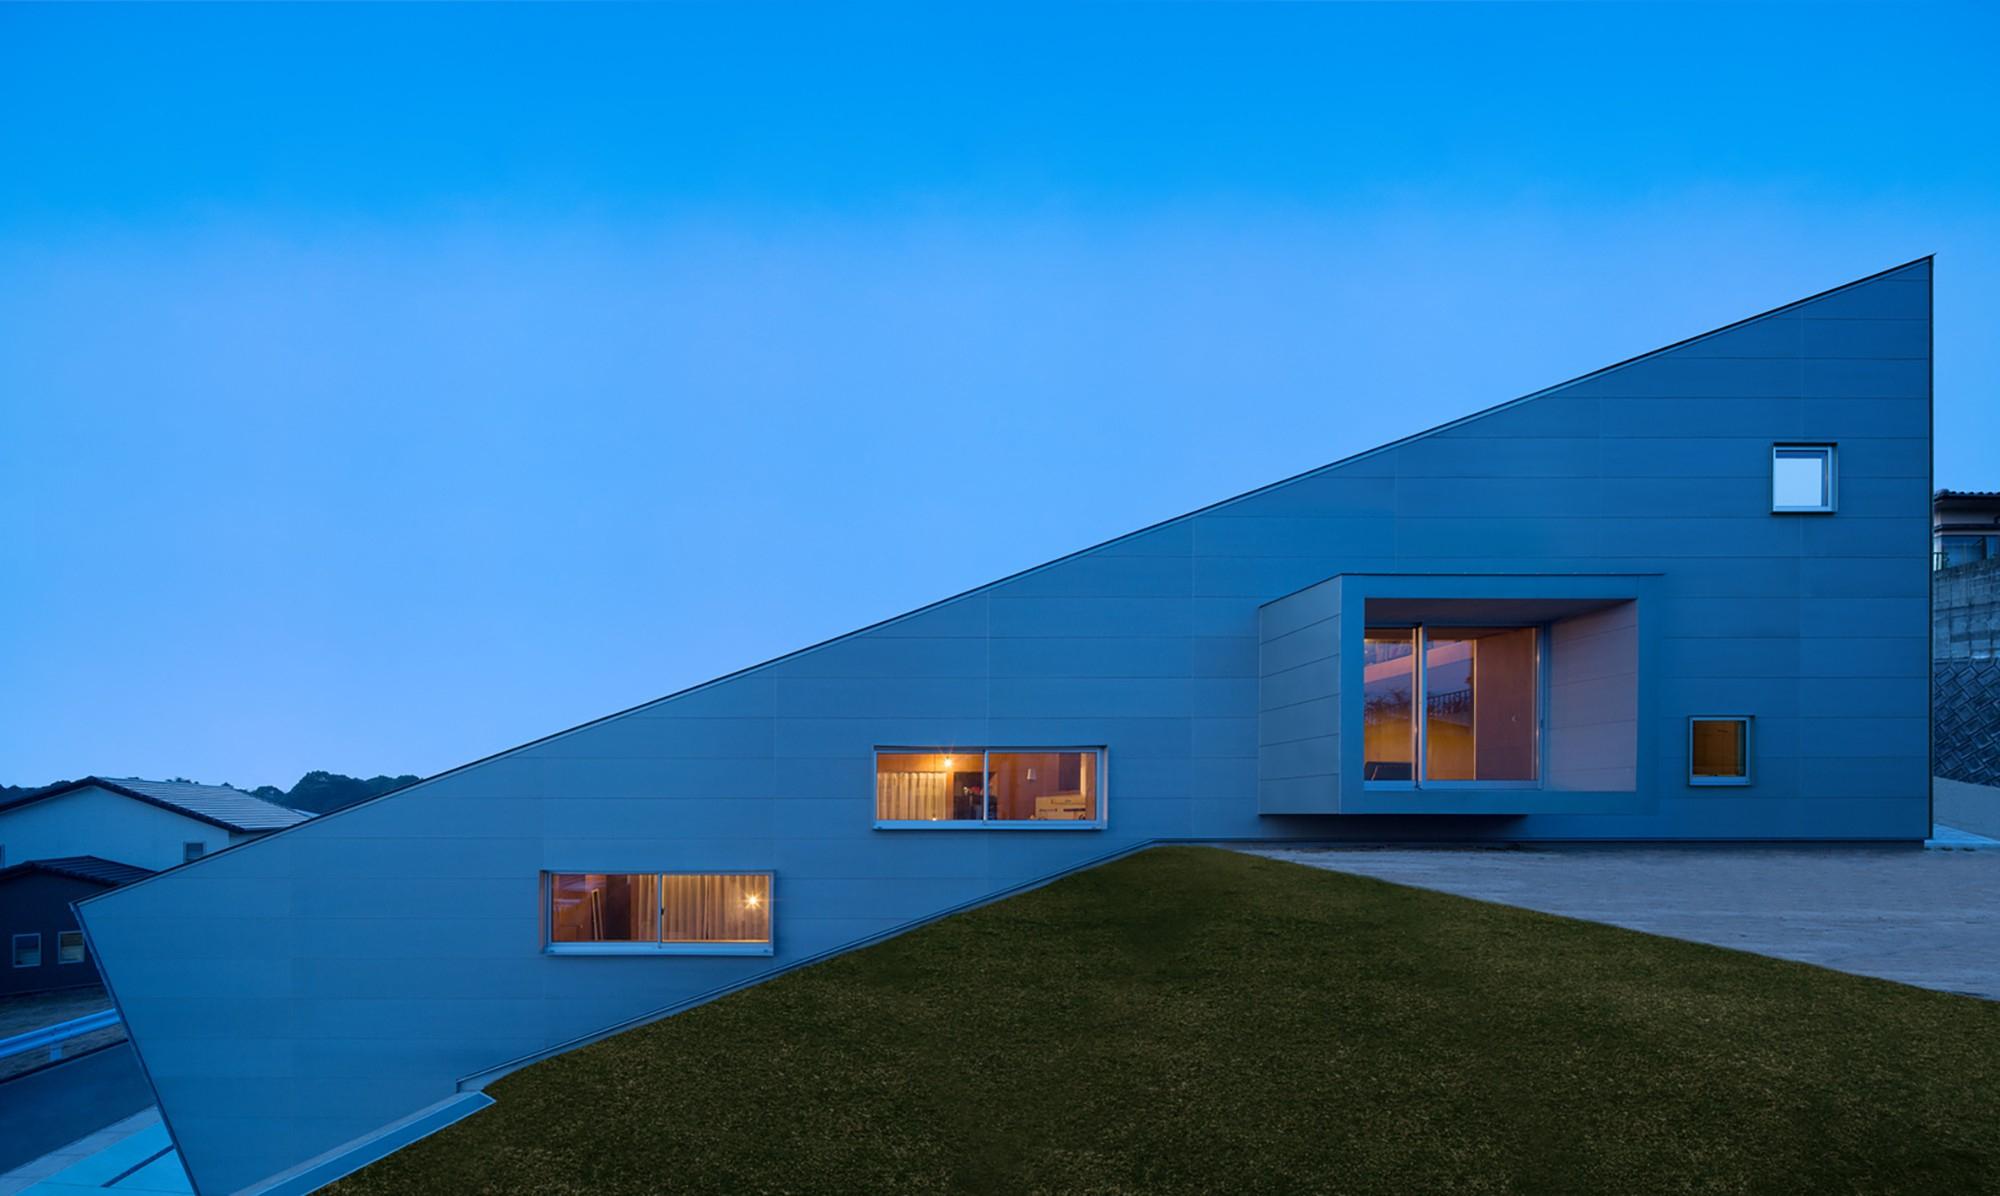 Une Maison Qui Épouse La Pente Par Matsuyama Architect ... intérieur Maisons Design En Pente